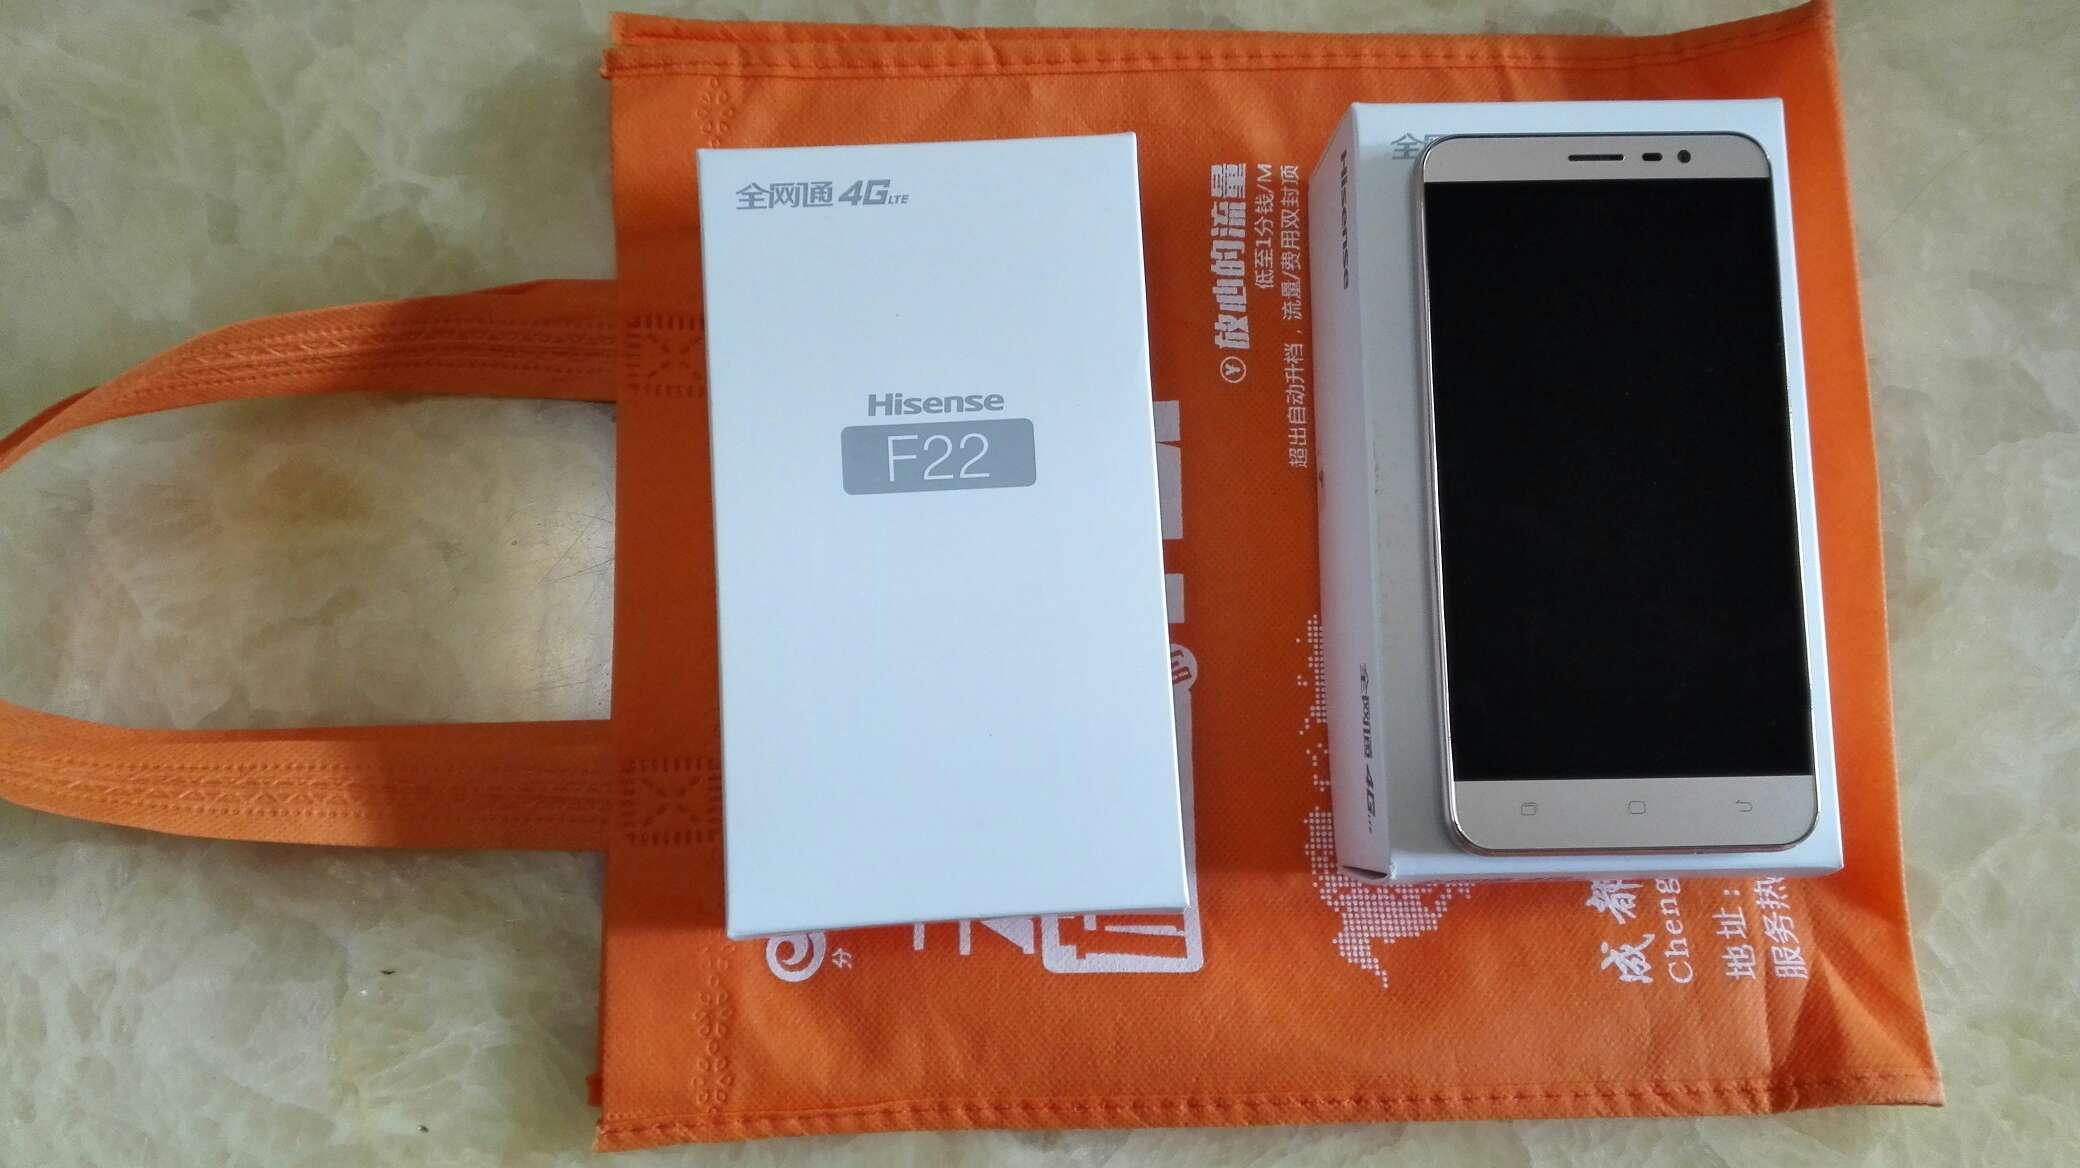 出售2台海信f22电信全网通手机